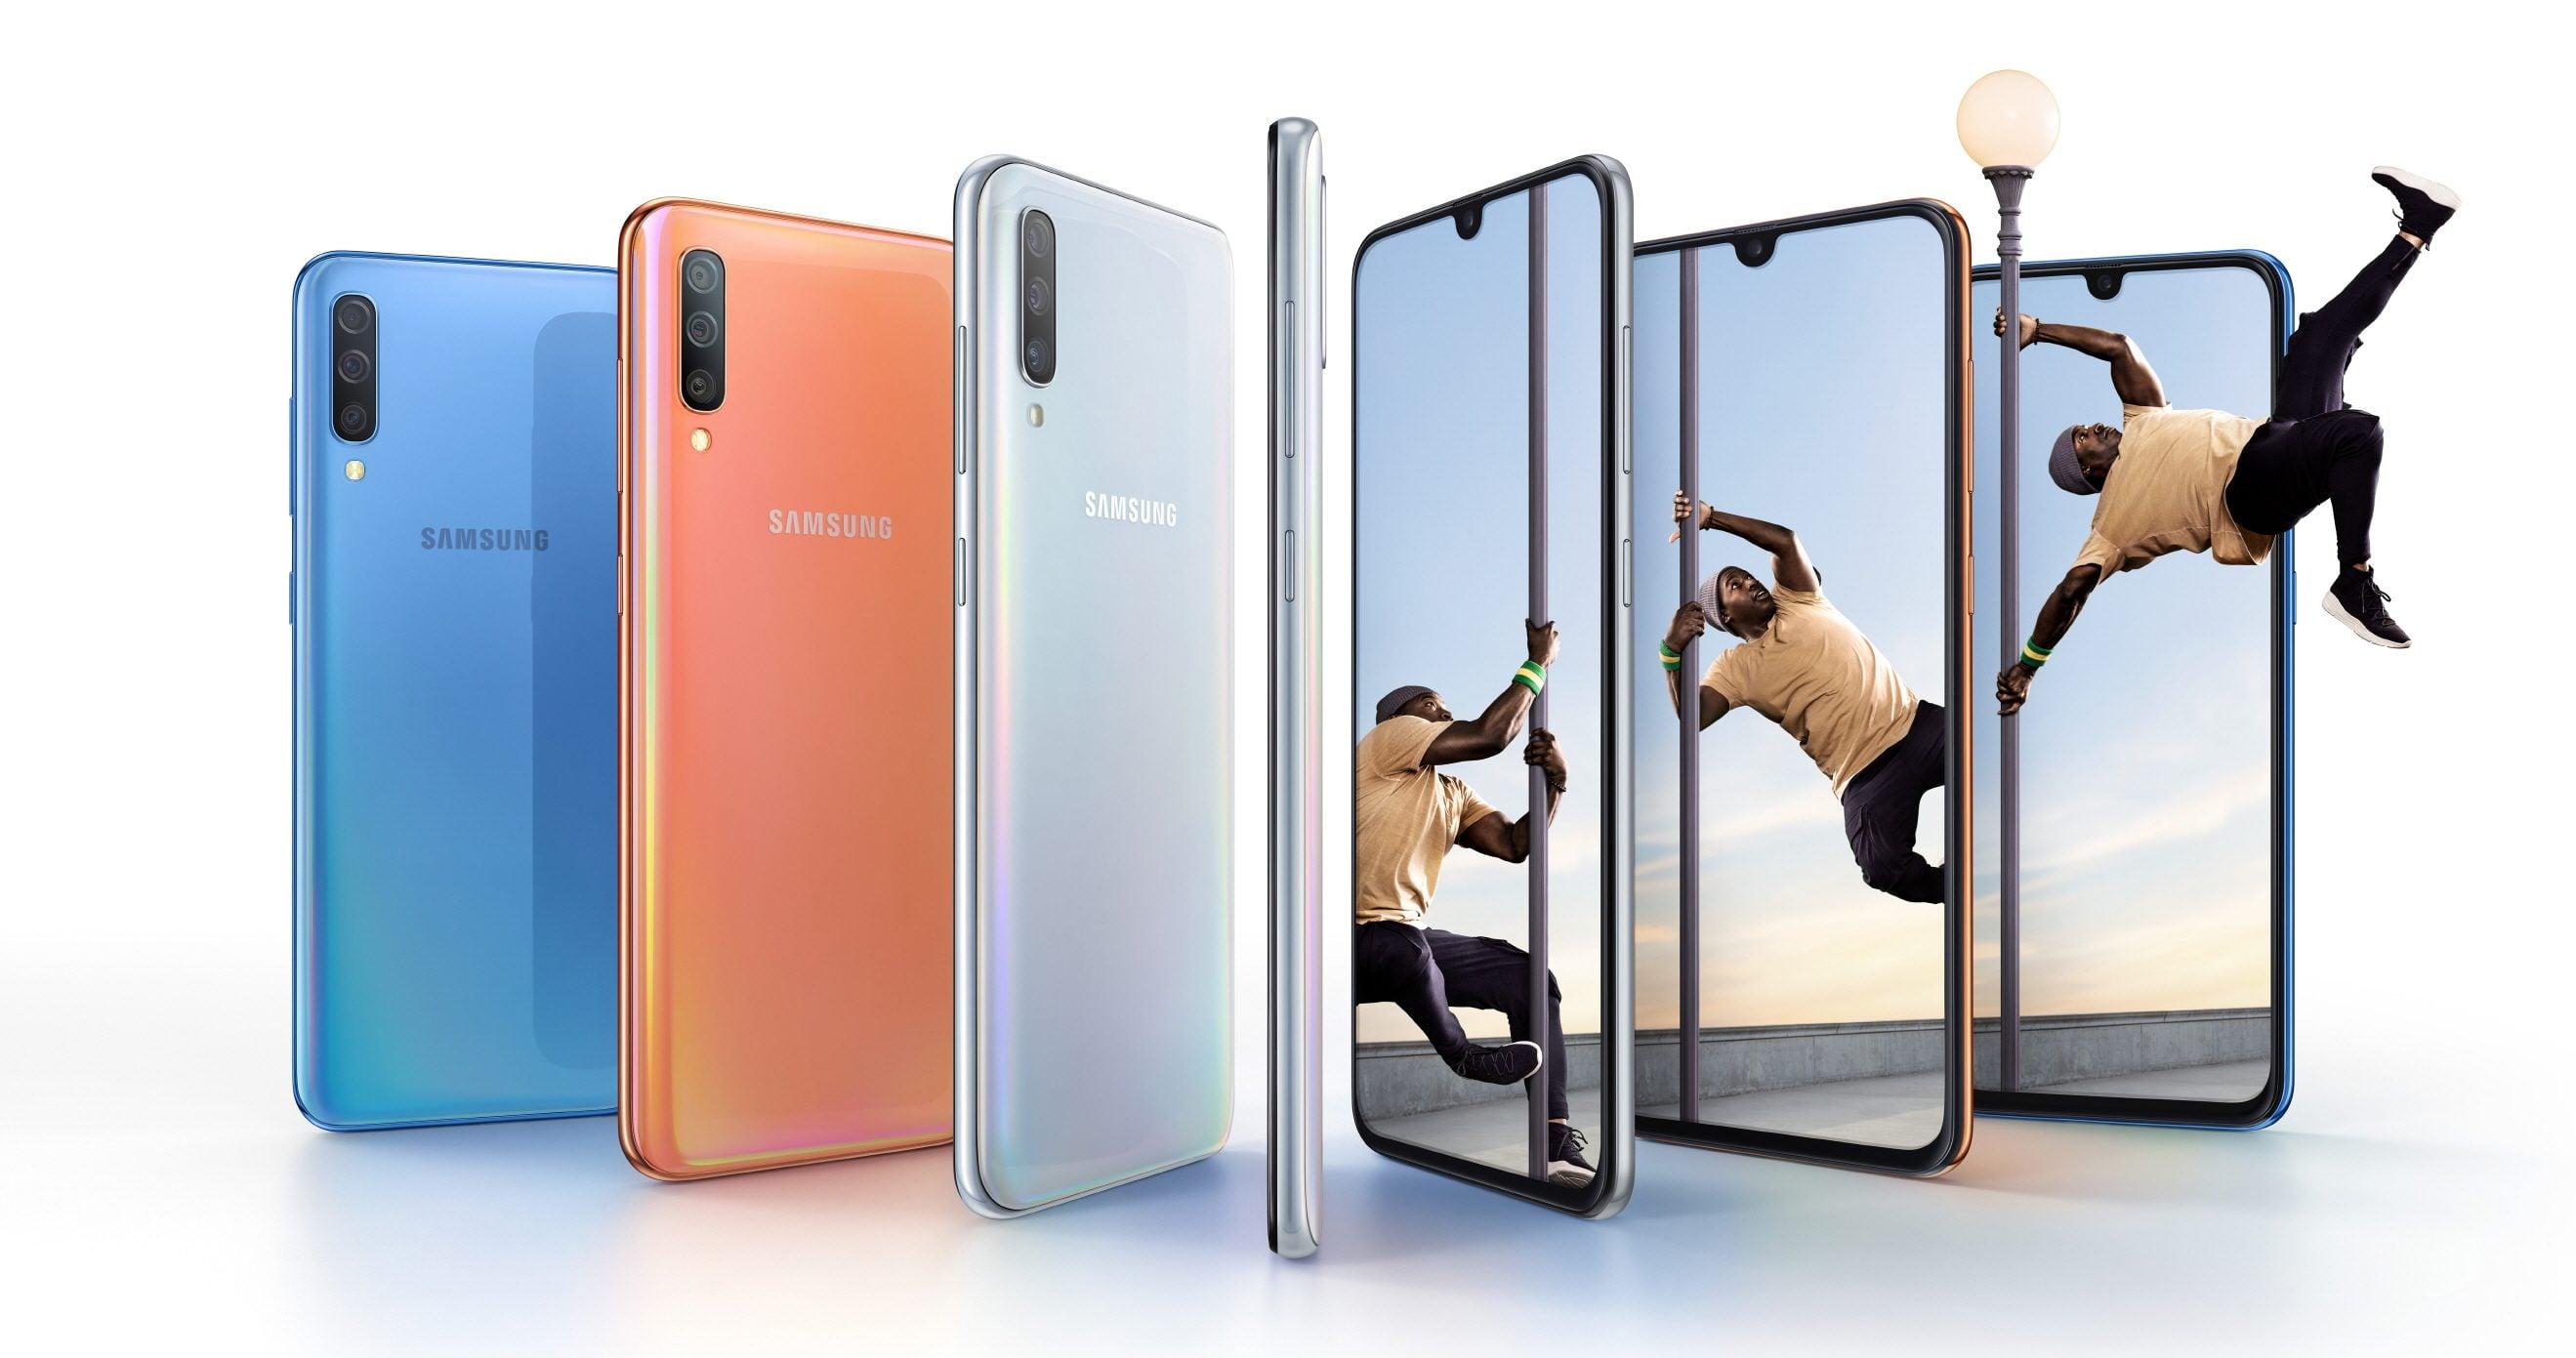 Samsung Galaxy A70 oficjalnie zaprezentowany, ale i tak wszyscy czekają na Galaxy A90 21